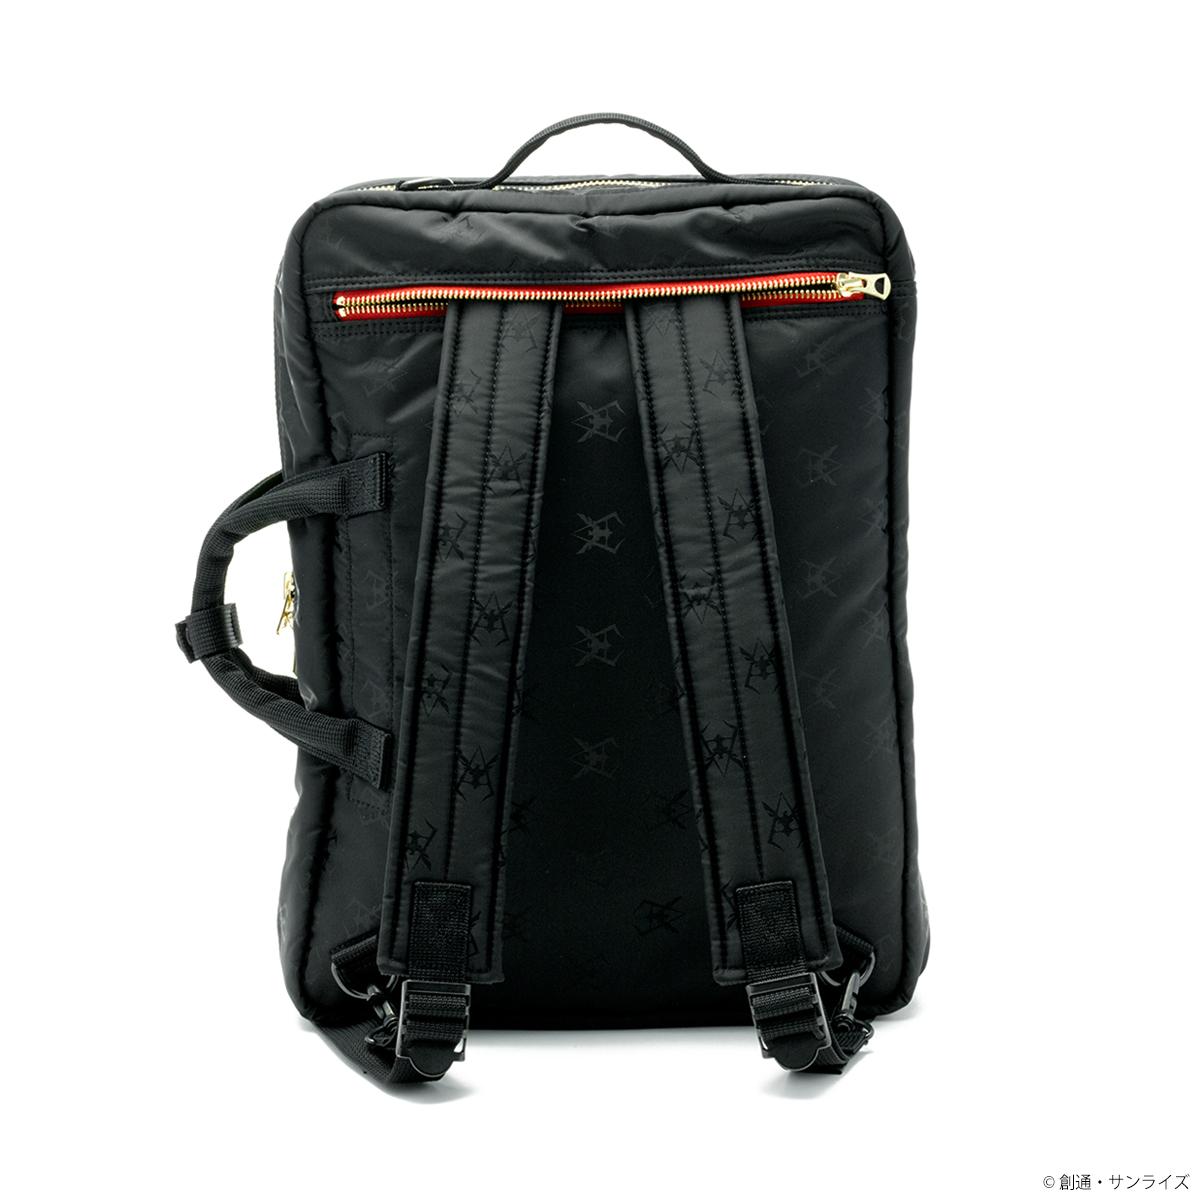 PORTER×ガンダムの新作コラボ、バッグや財布など全10種が登場!ジャカード織の、ジオン軍/RED COMETモデル。